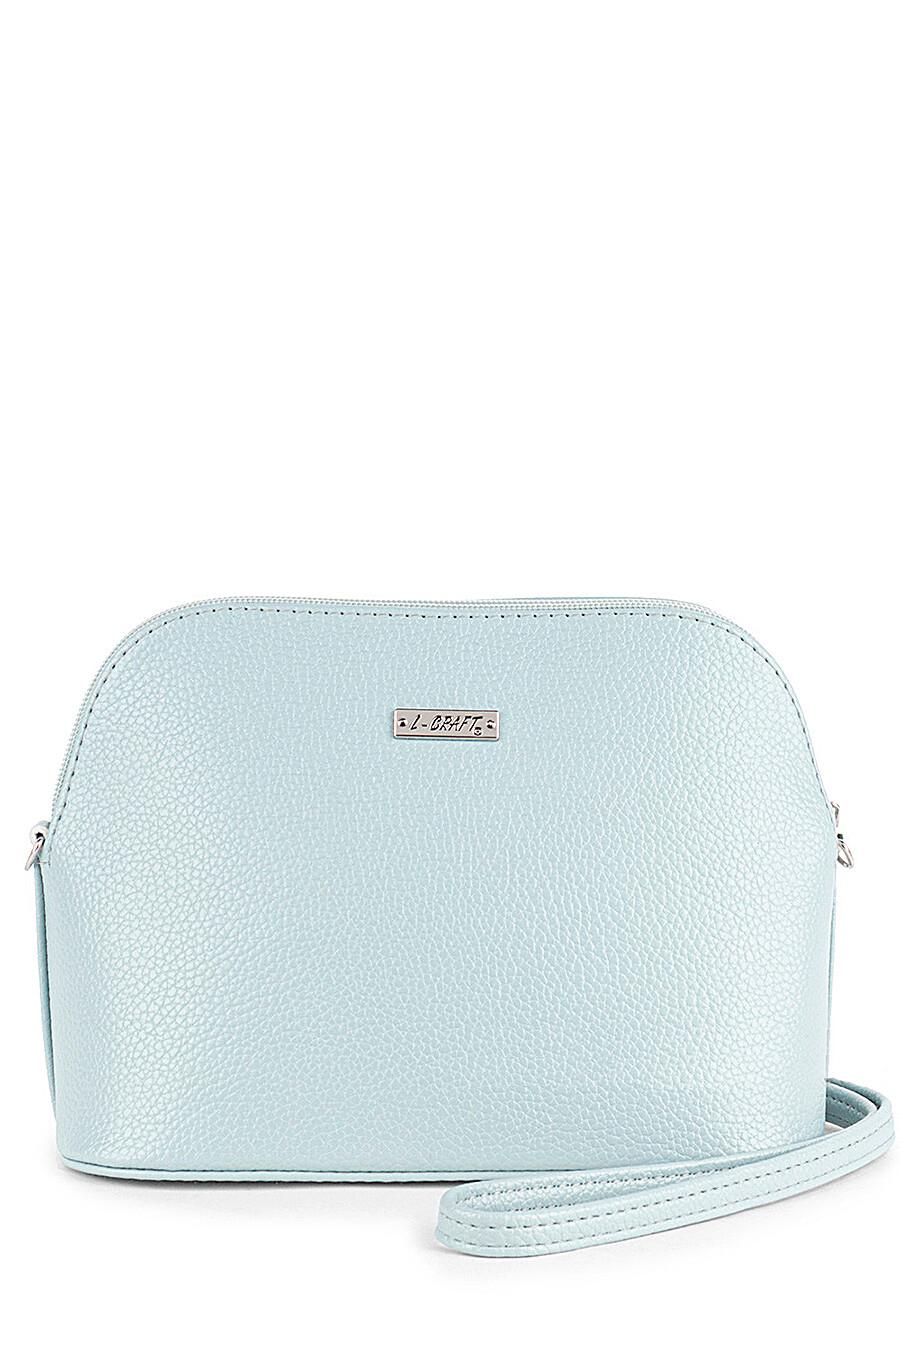 Сумка для женщин L-CRAFT 667918 купить оптом от производителя. Совместная покупка женской одежды в OptMoyo